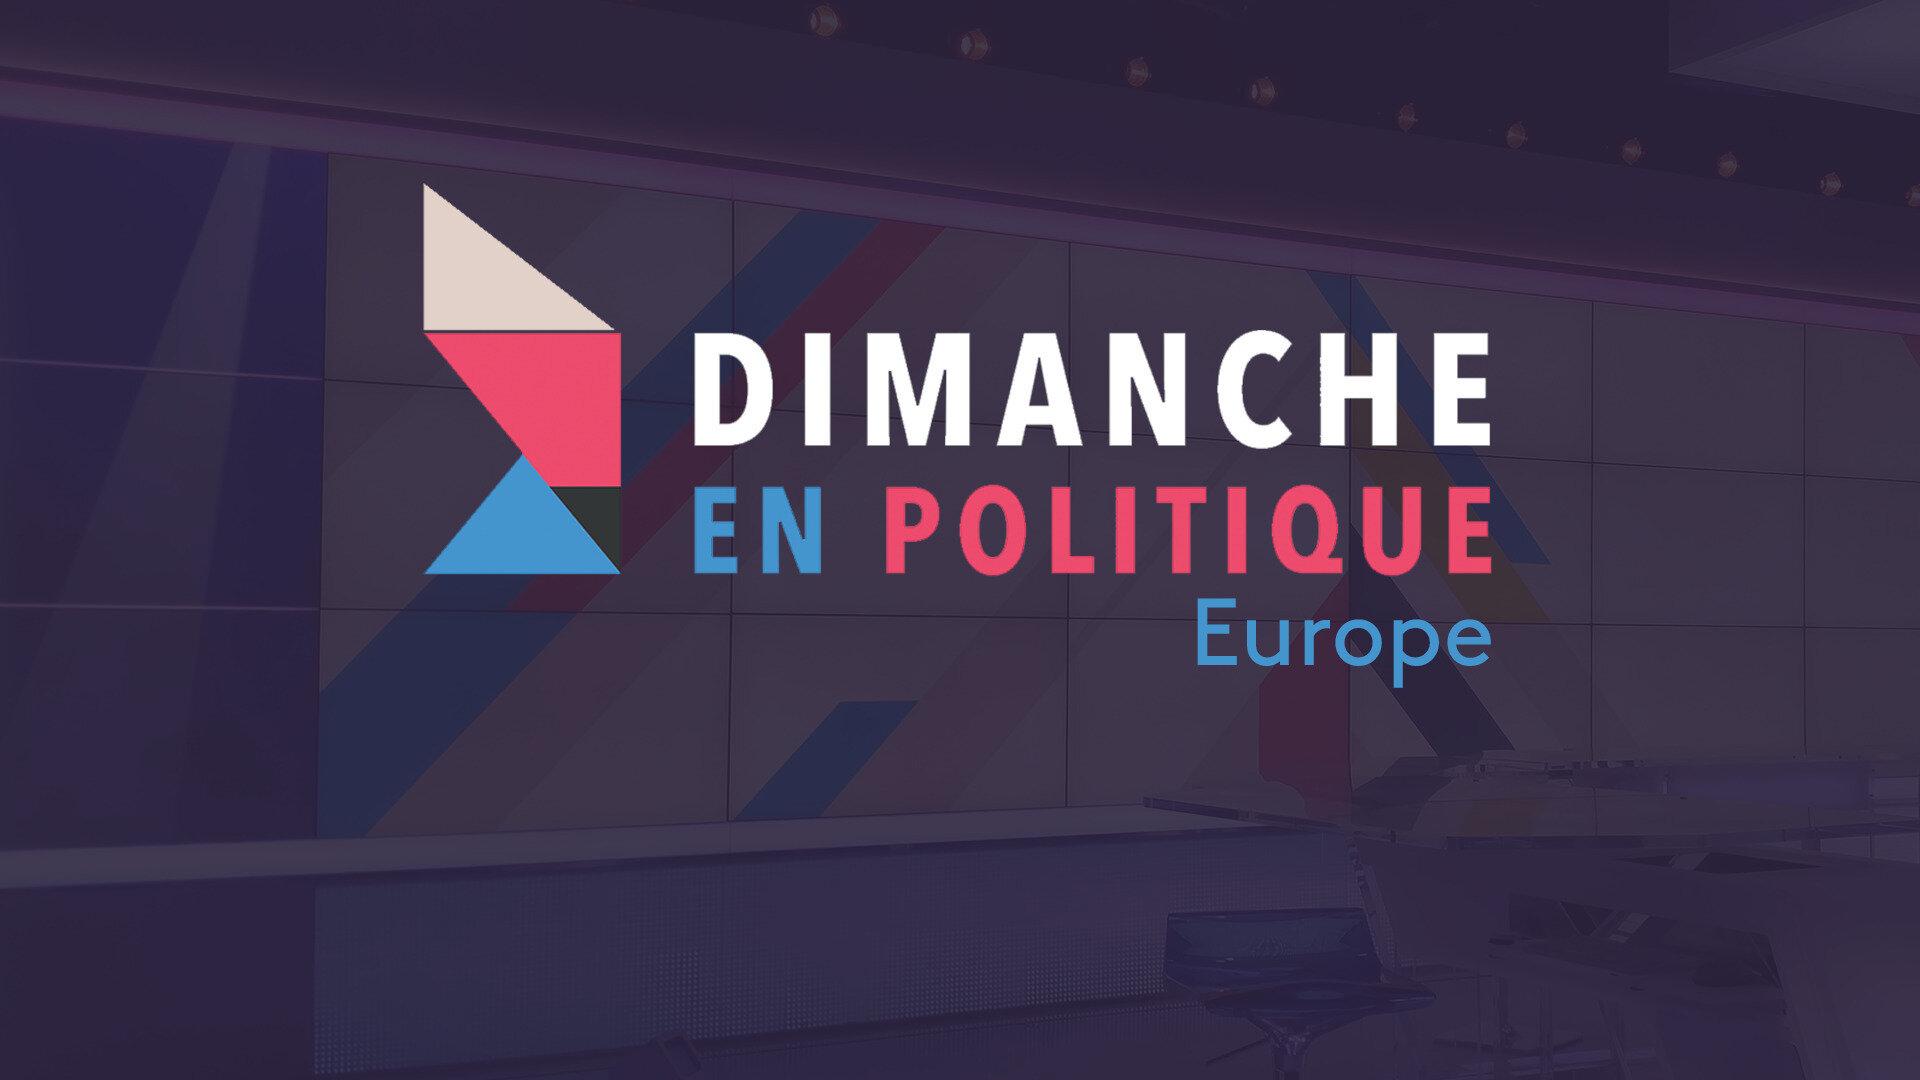 Dimanche en politique - Europe : Nouveaux défis pour l'Union européenne